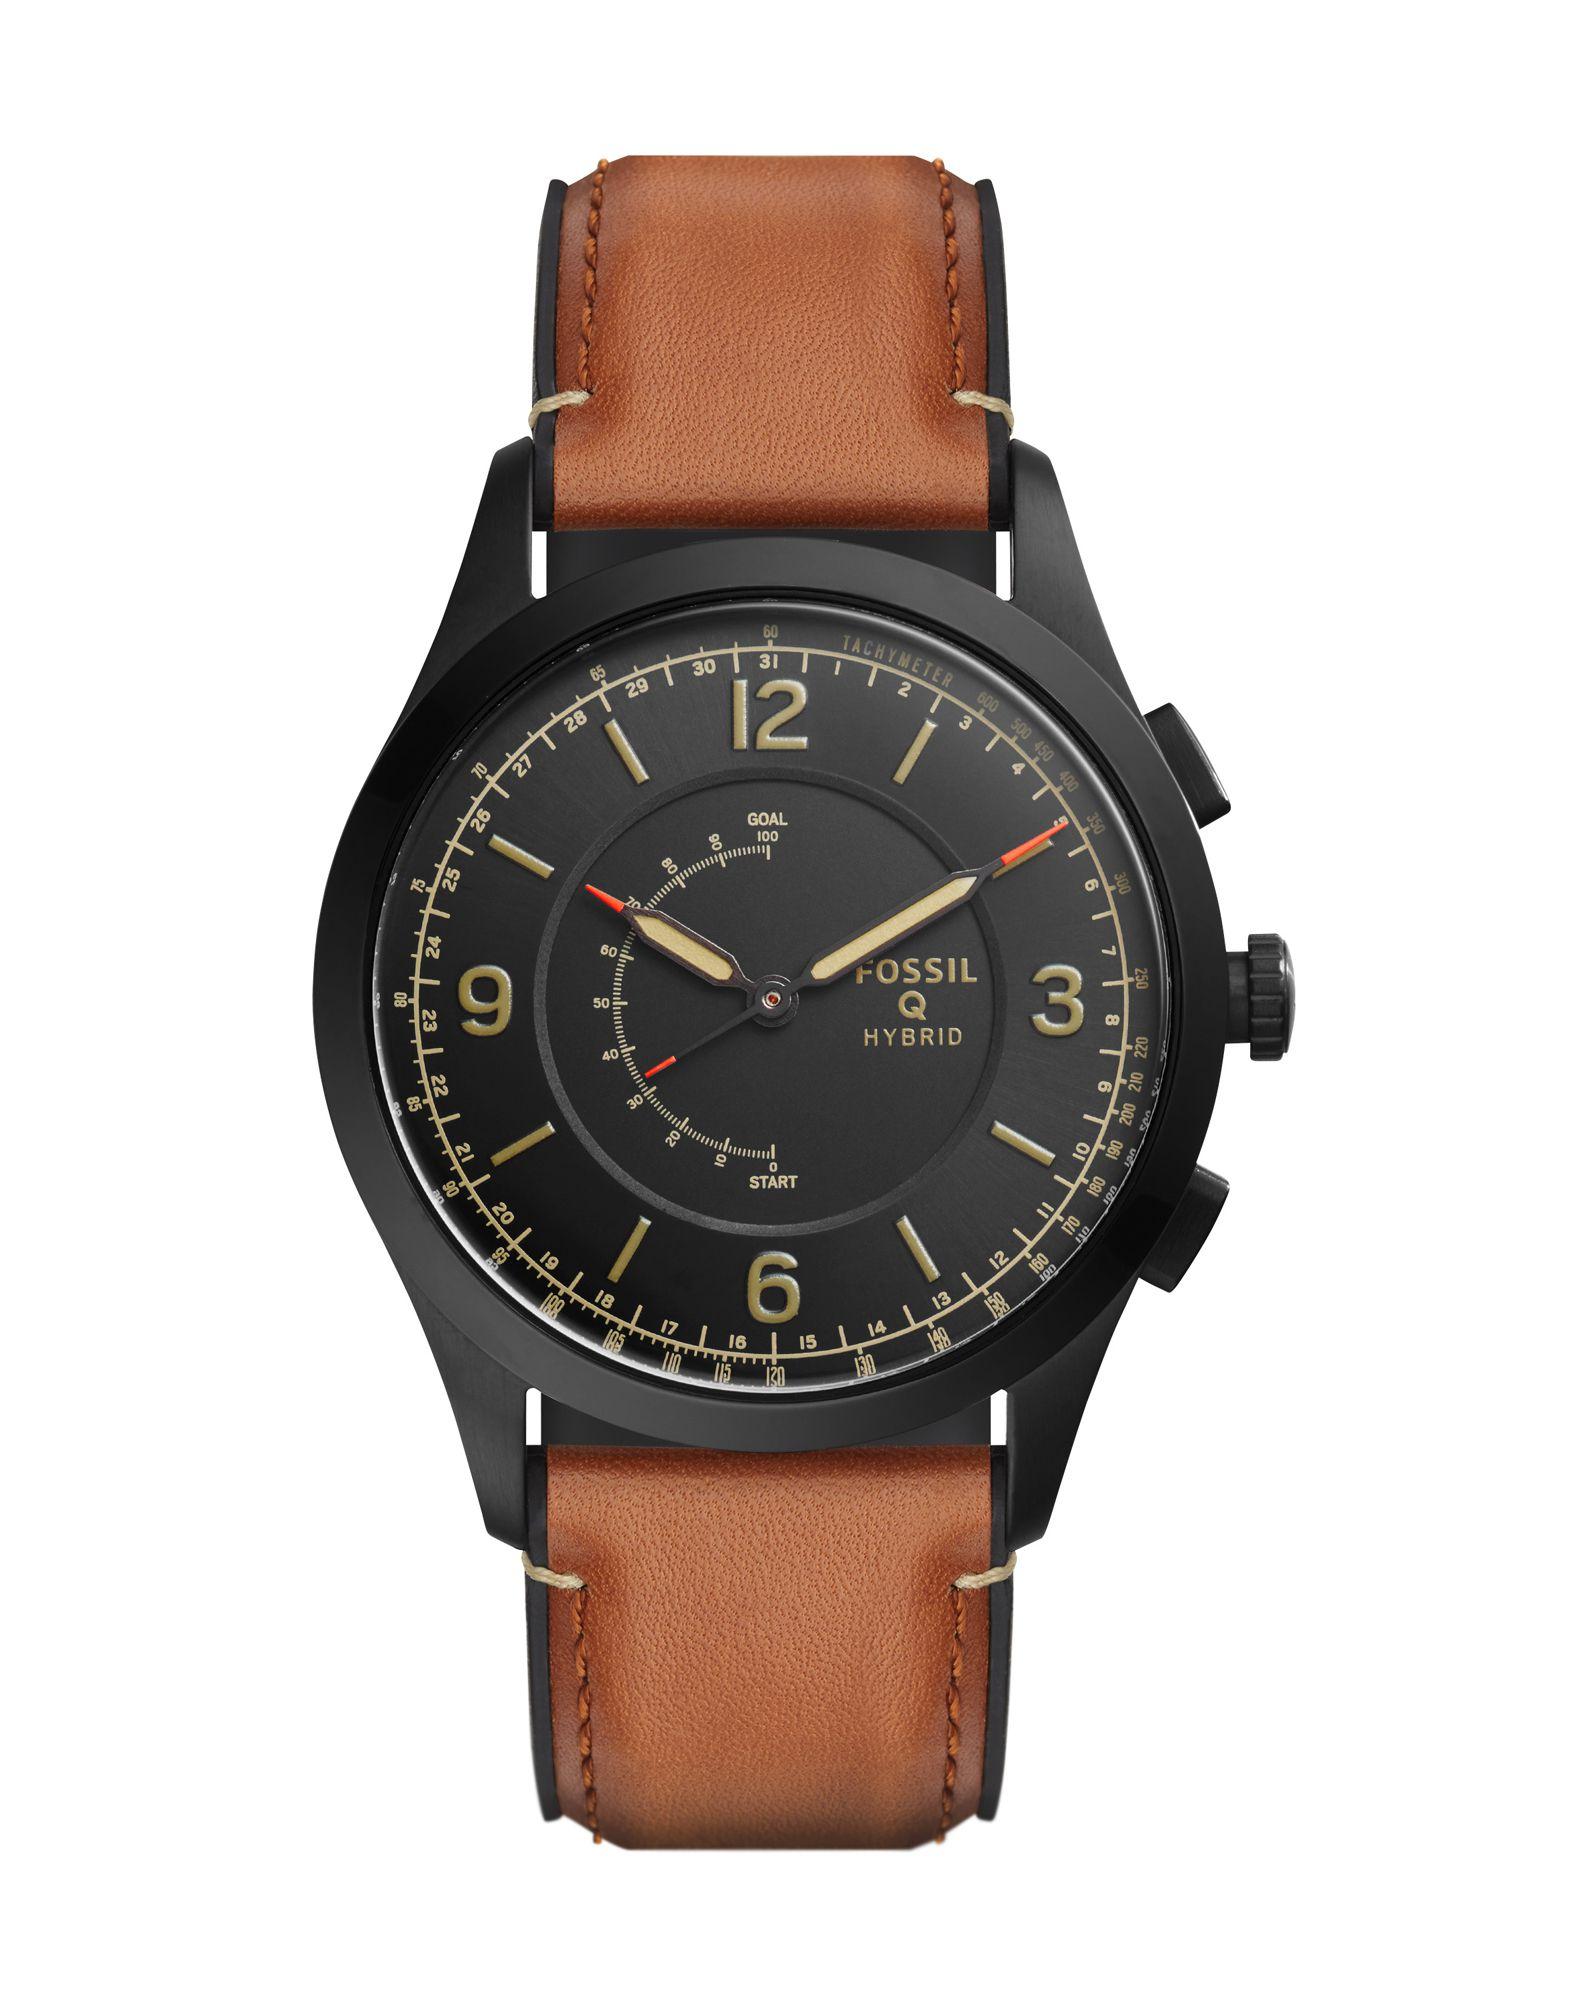 《送料無料》FOSSIL Q メンズ スマートウォッチ ブラック ステンレススチール / 革 Q Activist Hybrid Smartwatch